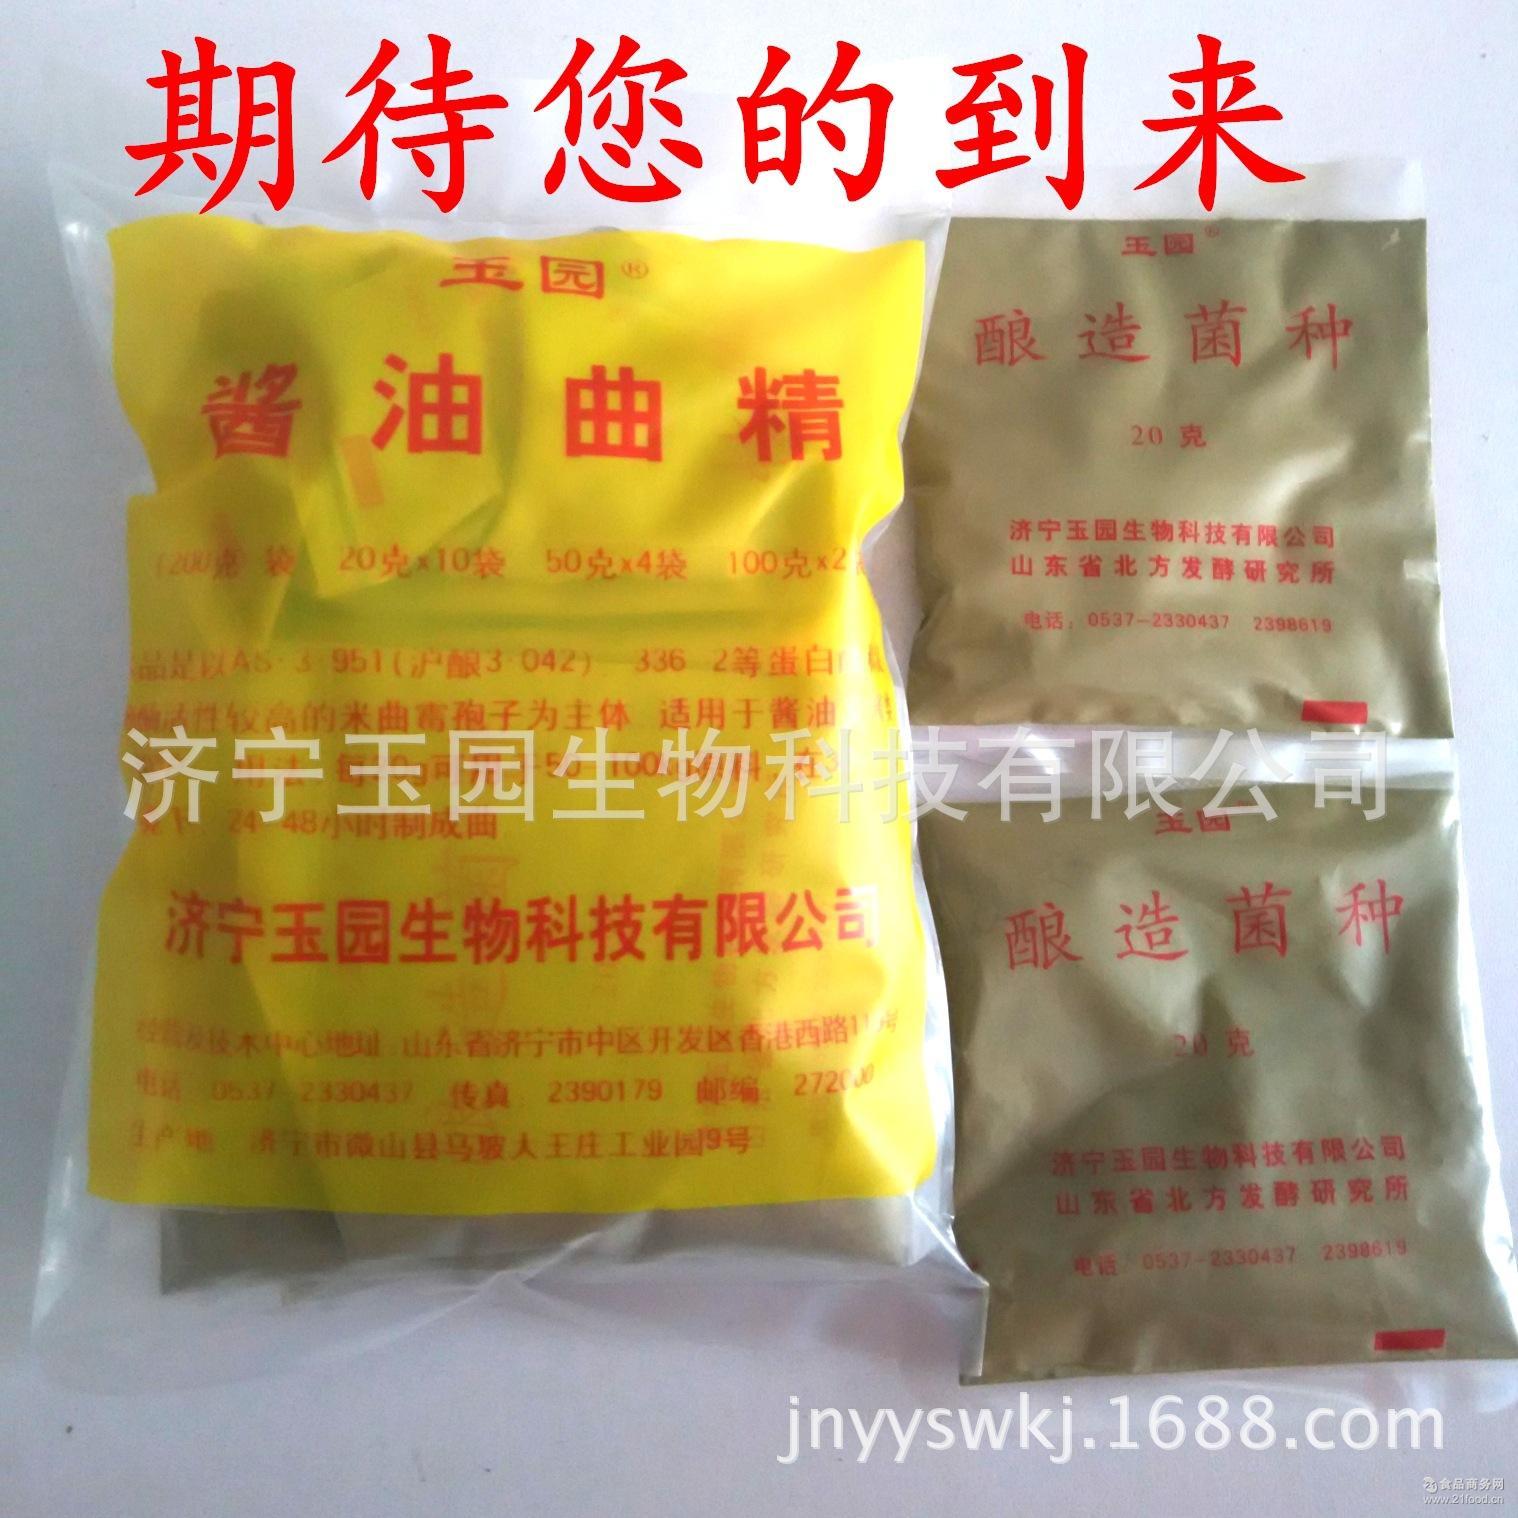 优质菌种 发酵菌剂 玉园直销 酱油曲种 食品发酵 酱油曲精孢子粉